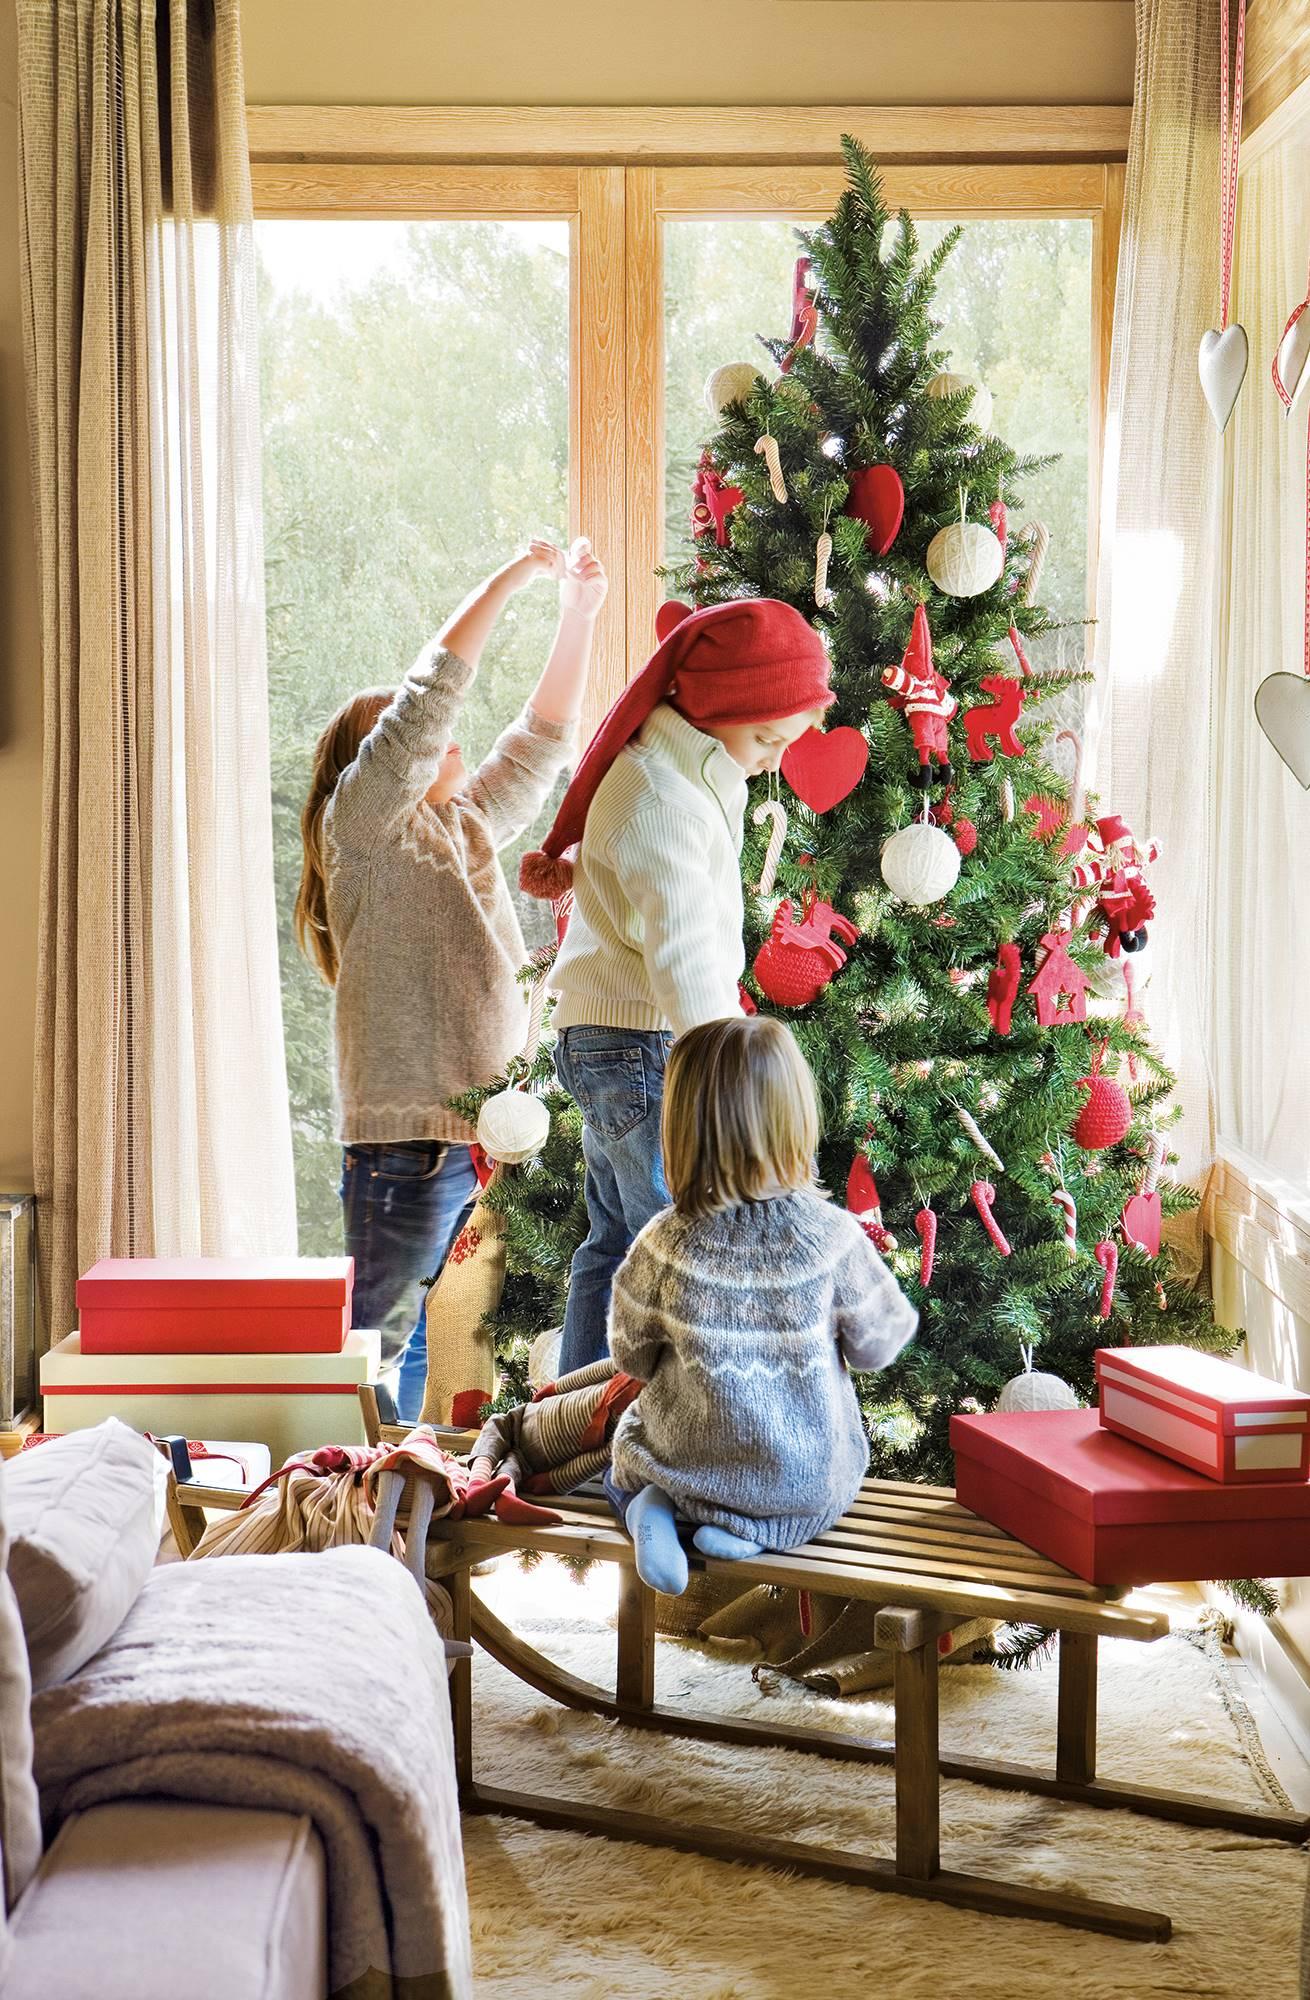 31049612acc8d Árbol de Navidad con adornos rojos y blancos y niños decorándolo  00374144.  Pueden reutilizarse como